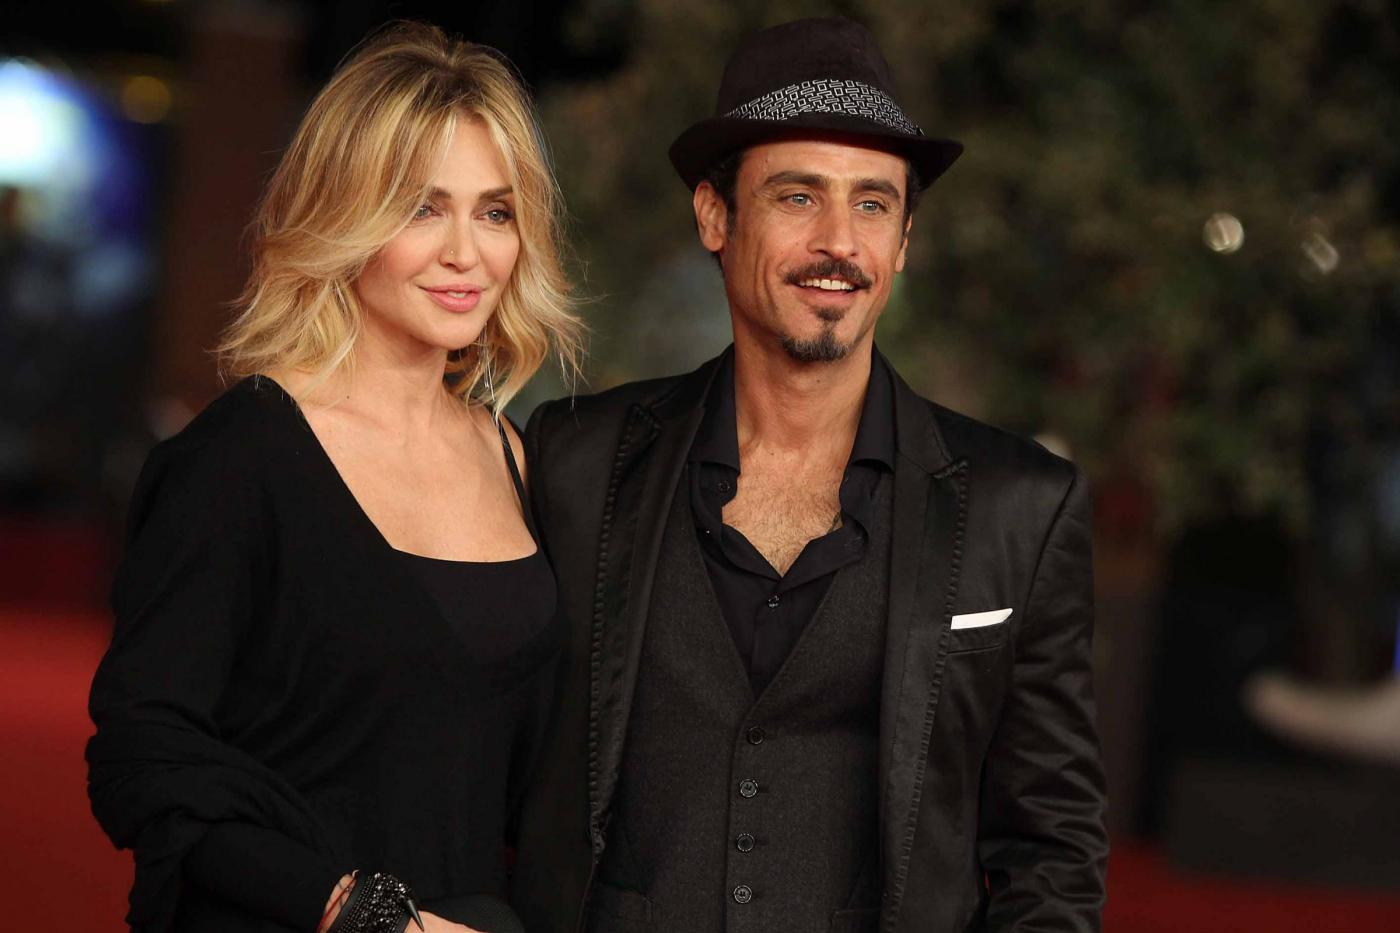 Paola Barale e Raz Degan si sono lasciati: l'annuncio su Instagram